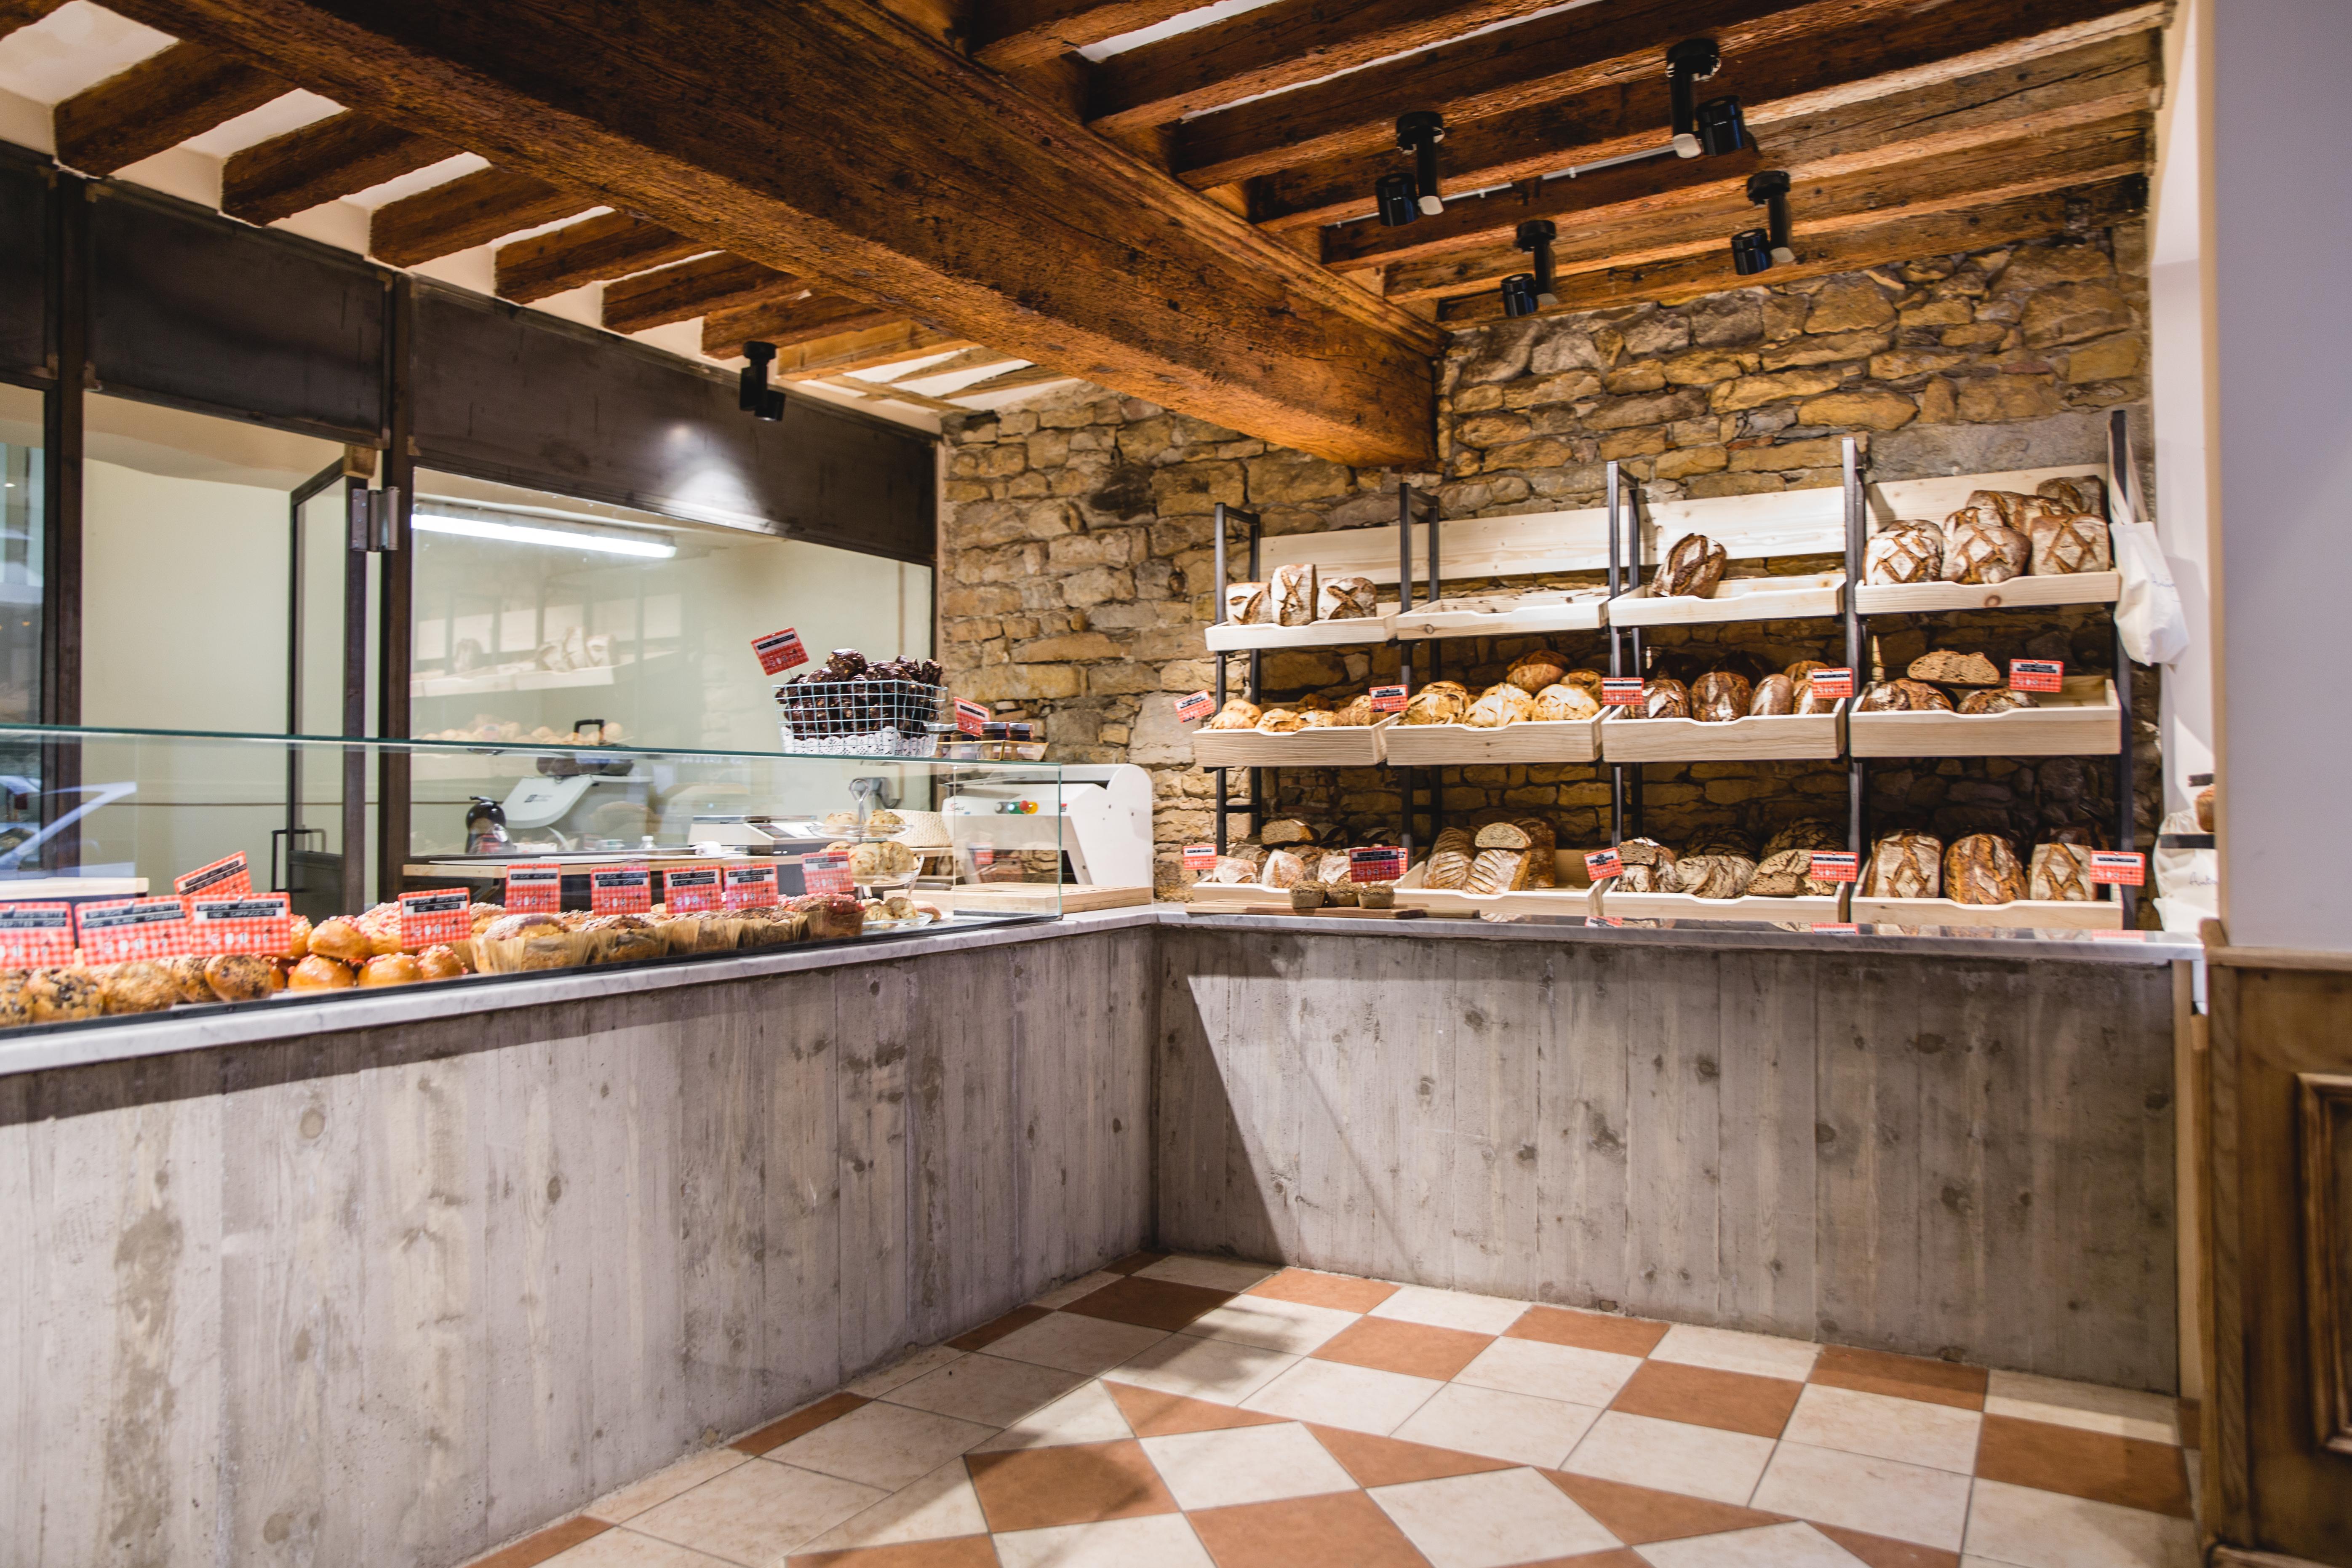 Agencement boulangerie Antoinette comptoir